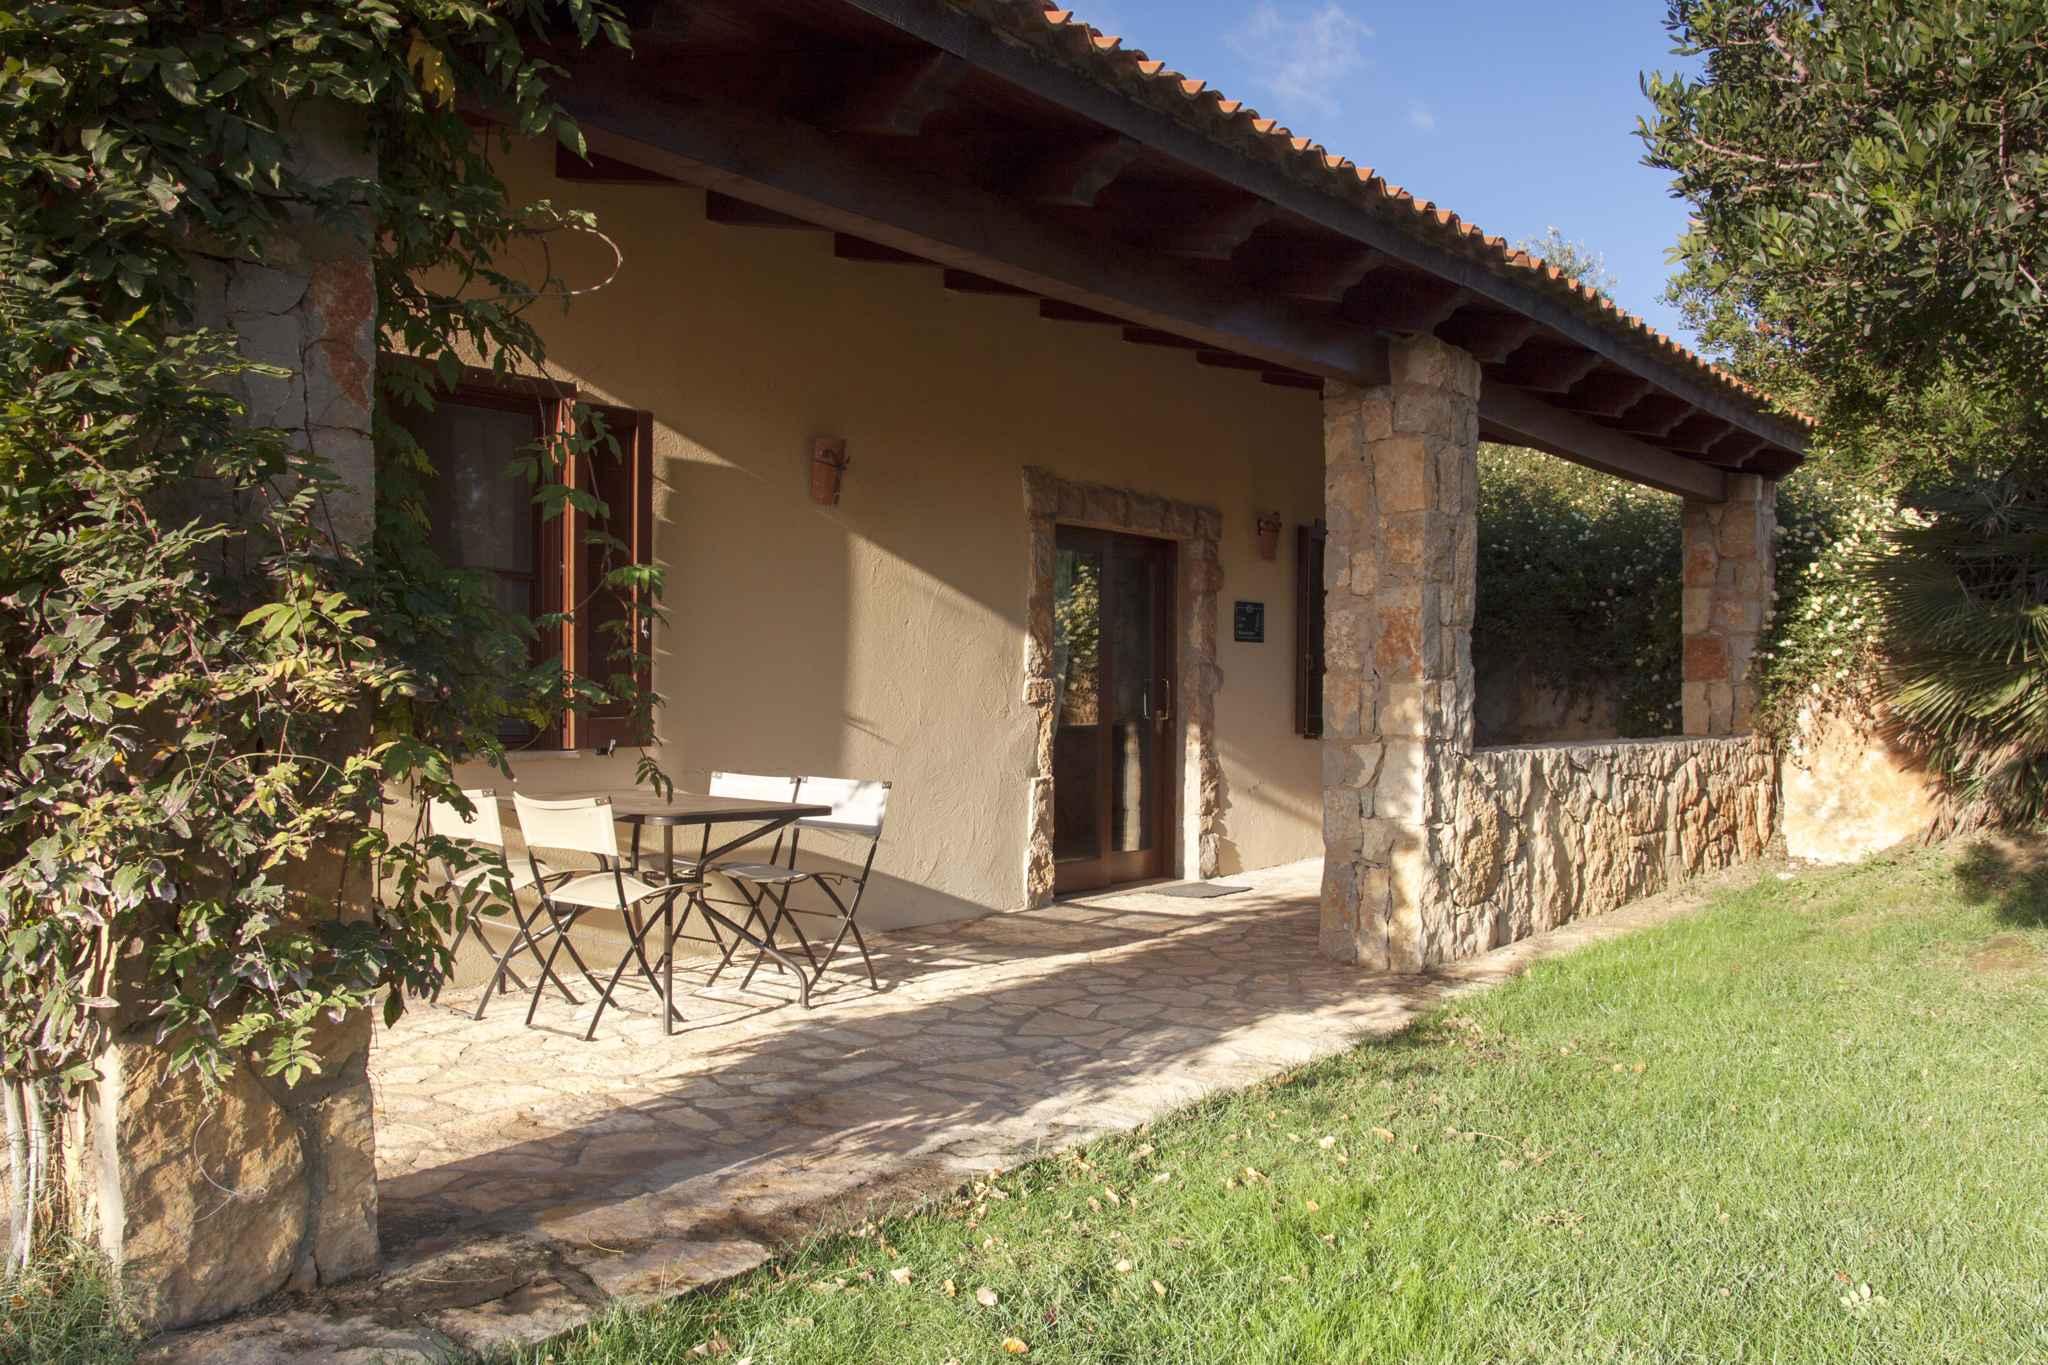 Ferienwohnung mit Klimaanlage (2191582), Alghero, Sassari, Sardinien, Italien, Bild 1